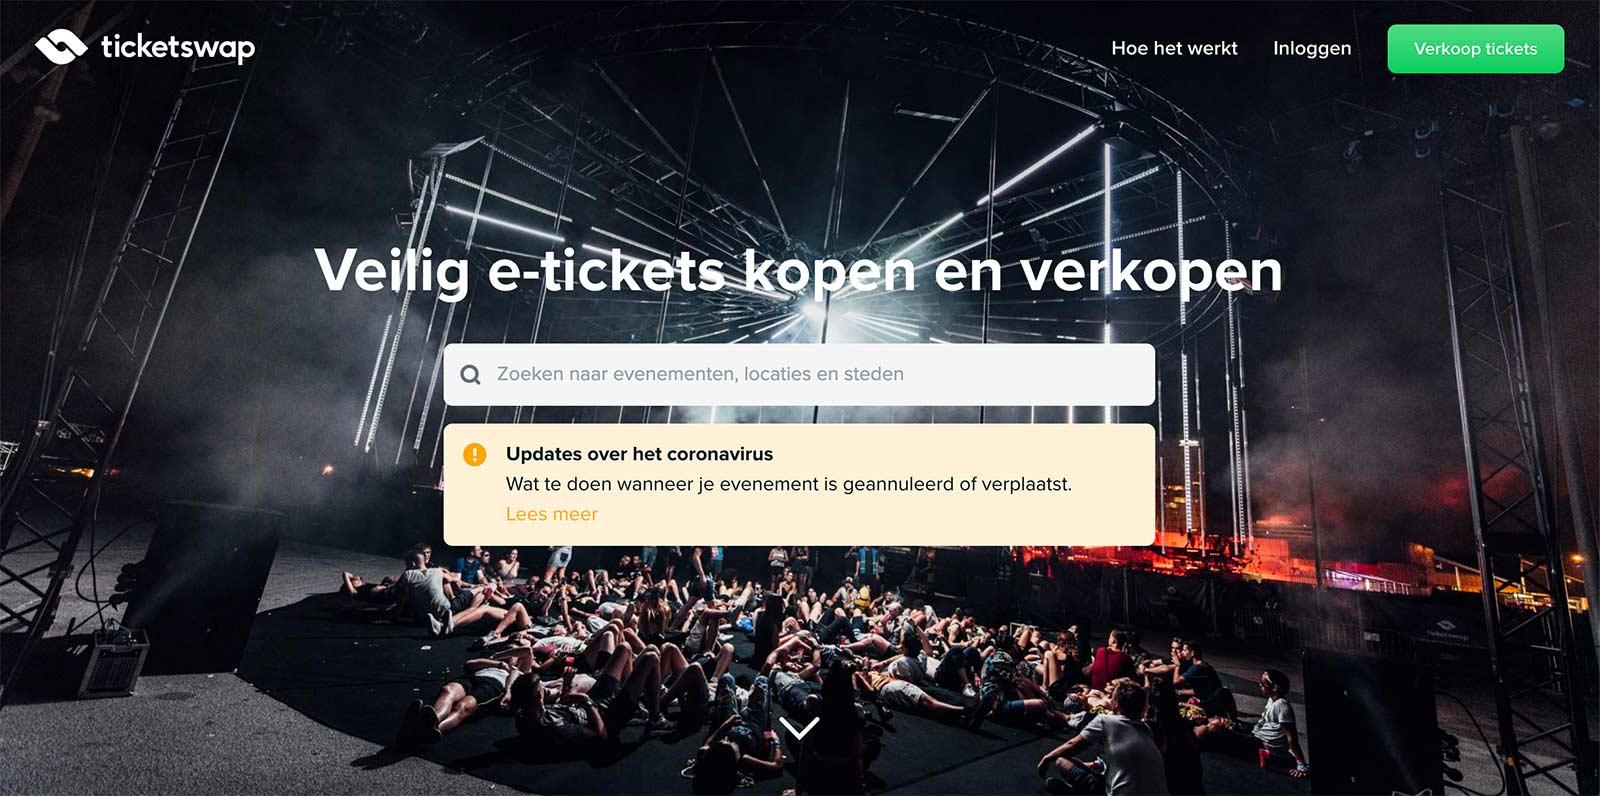 Voorbeeld corona bericht ticketswap